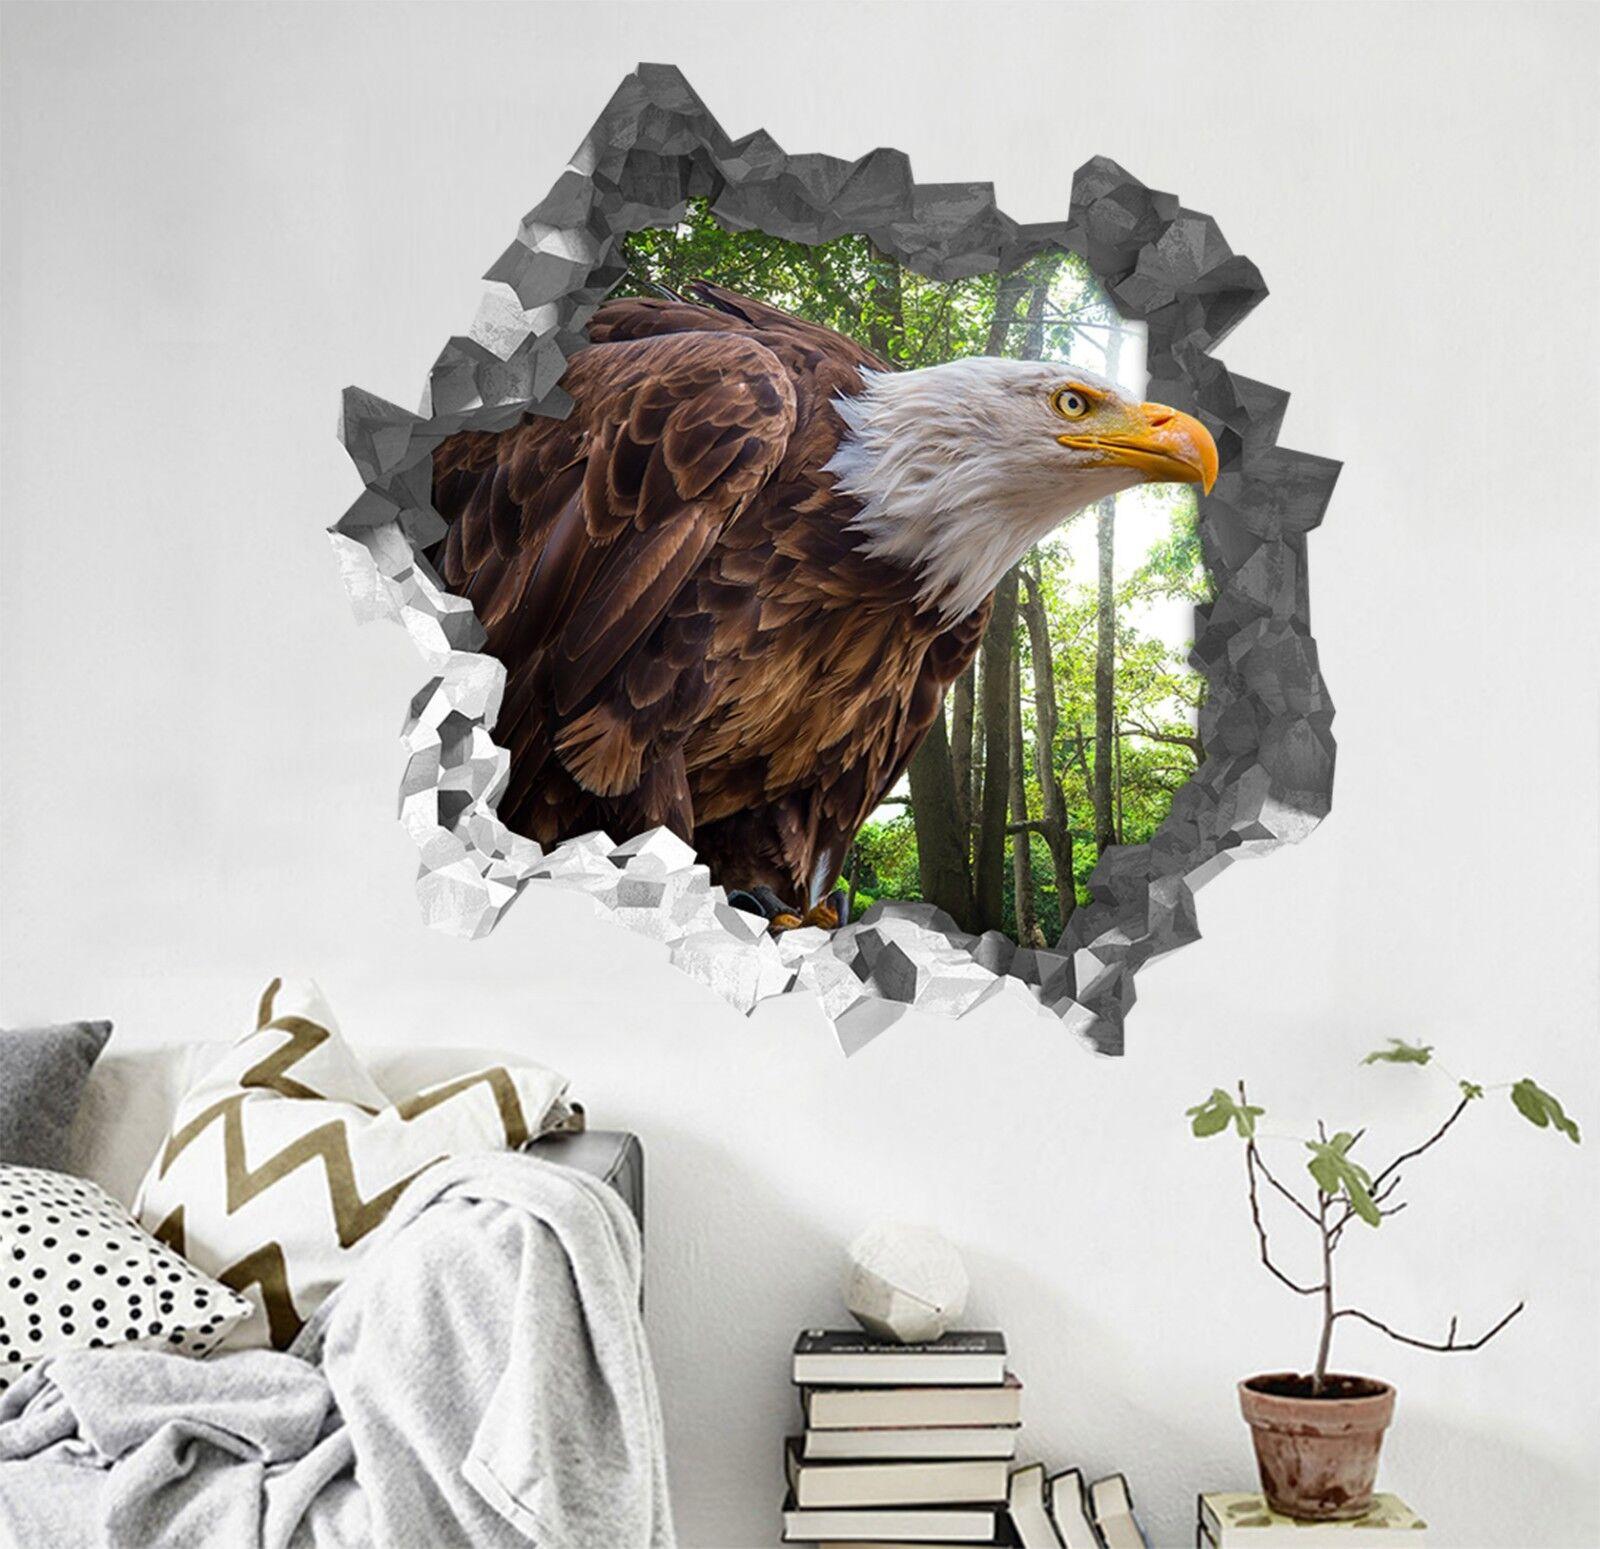 3D Wald Adler 308 Mauer Murals Mauer Aufklebe Decal Durchbruch AJ WALLPAPER DE